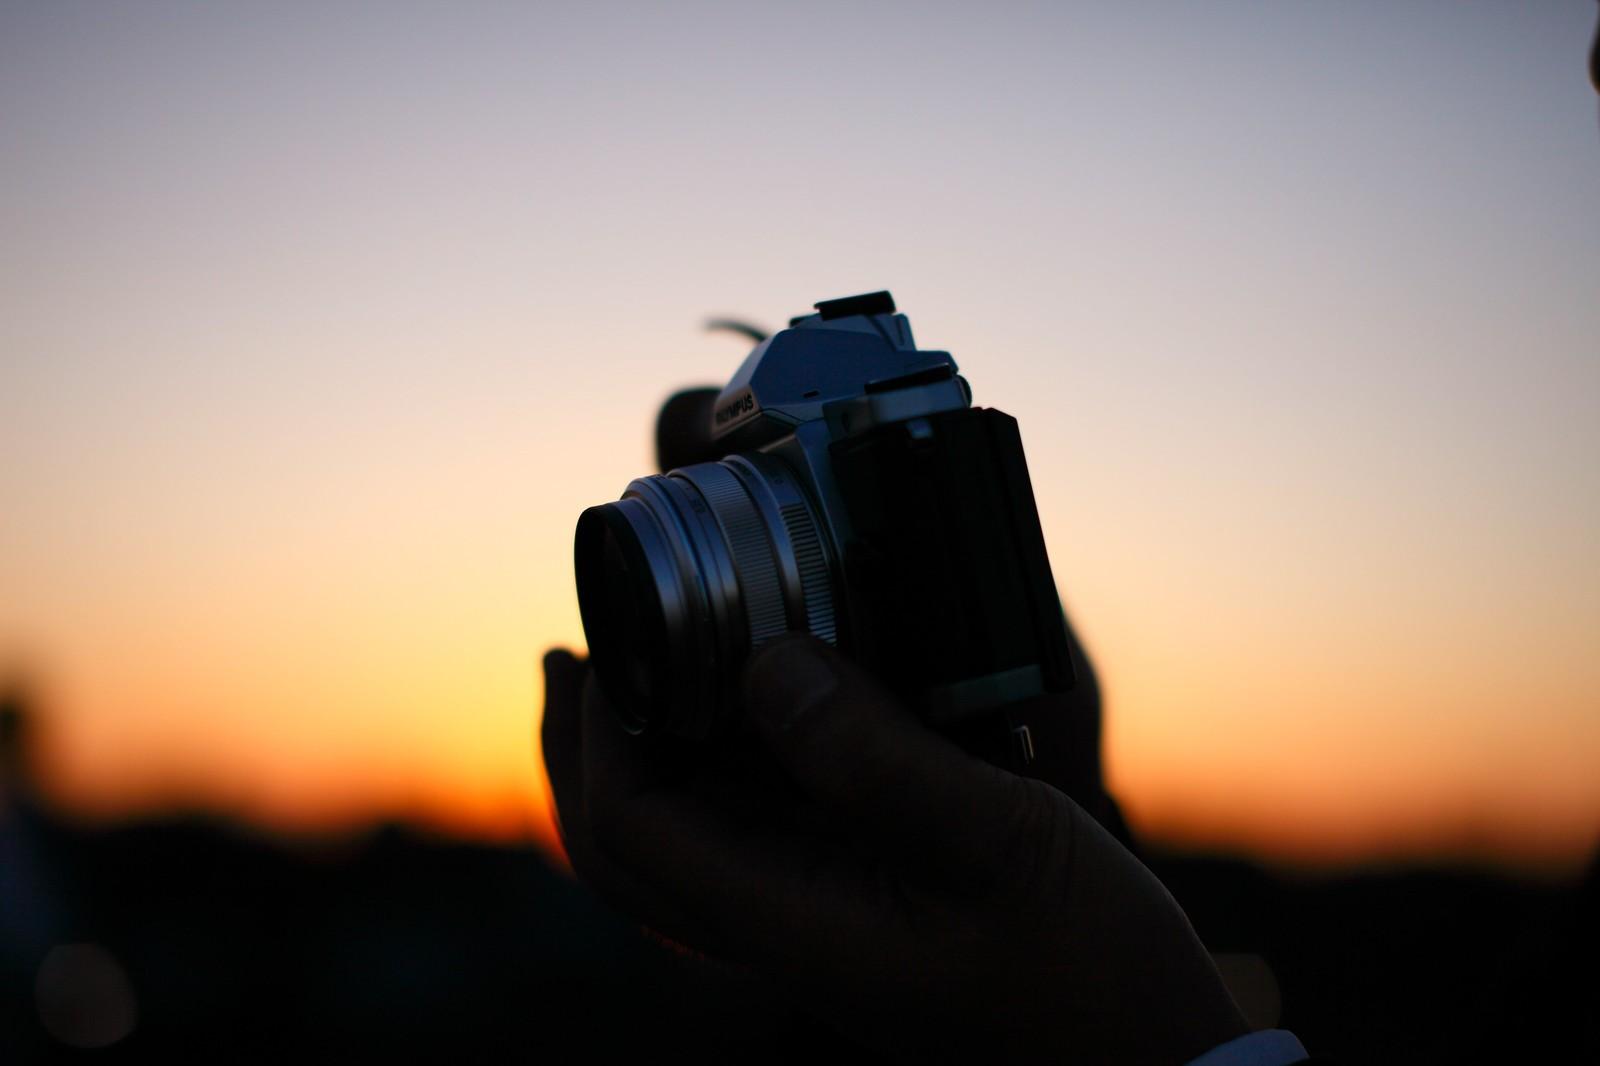 ニコン|フルサイズミラーレスカメラ『Z7』と『Z6』の評価まとめ